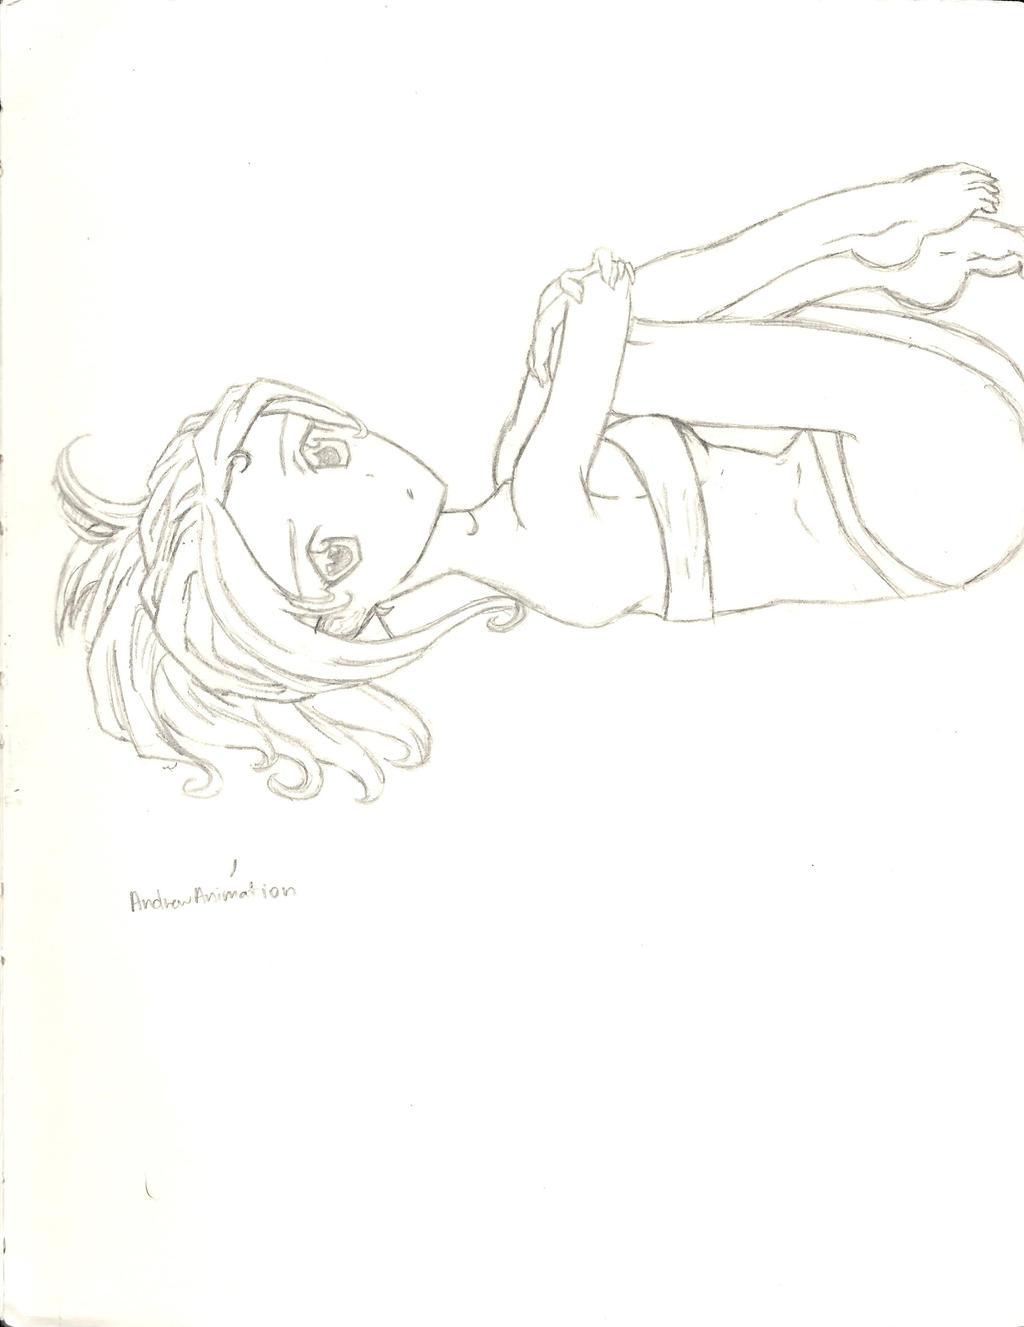 Amazon.com: How to Draw Manga: Bodies & Anatomy ...